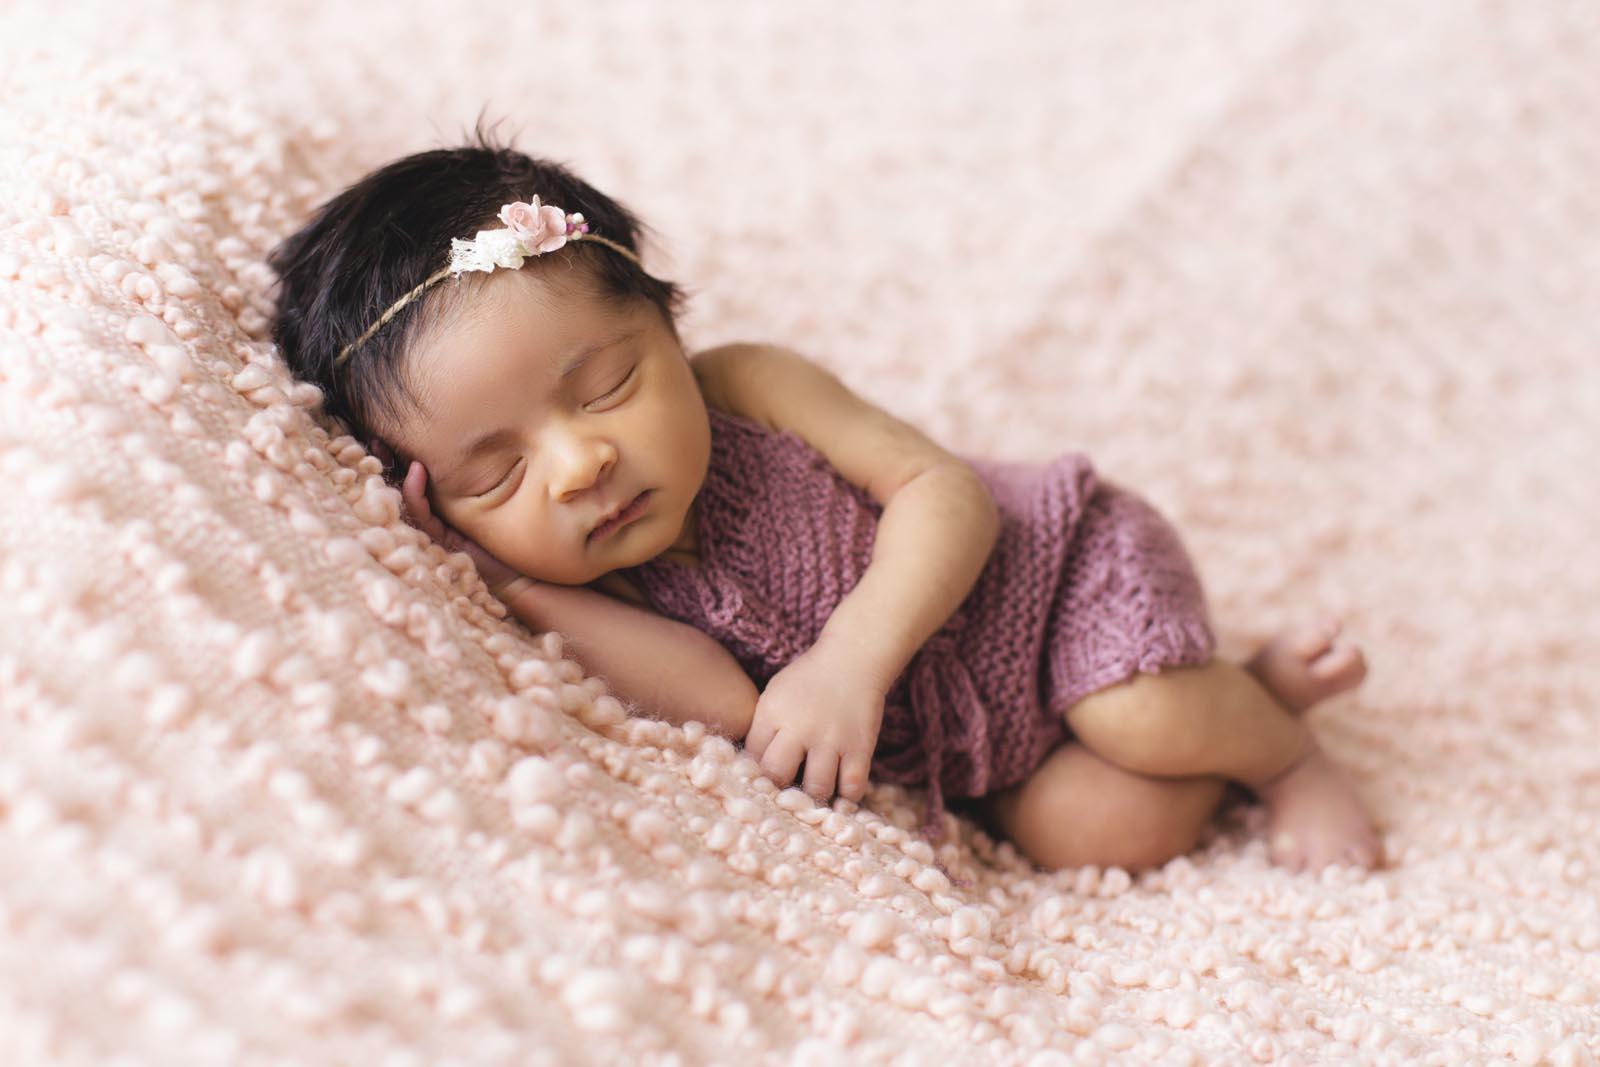 Baby photographers Belfast - baby lying in pink fleece 1442005